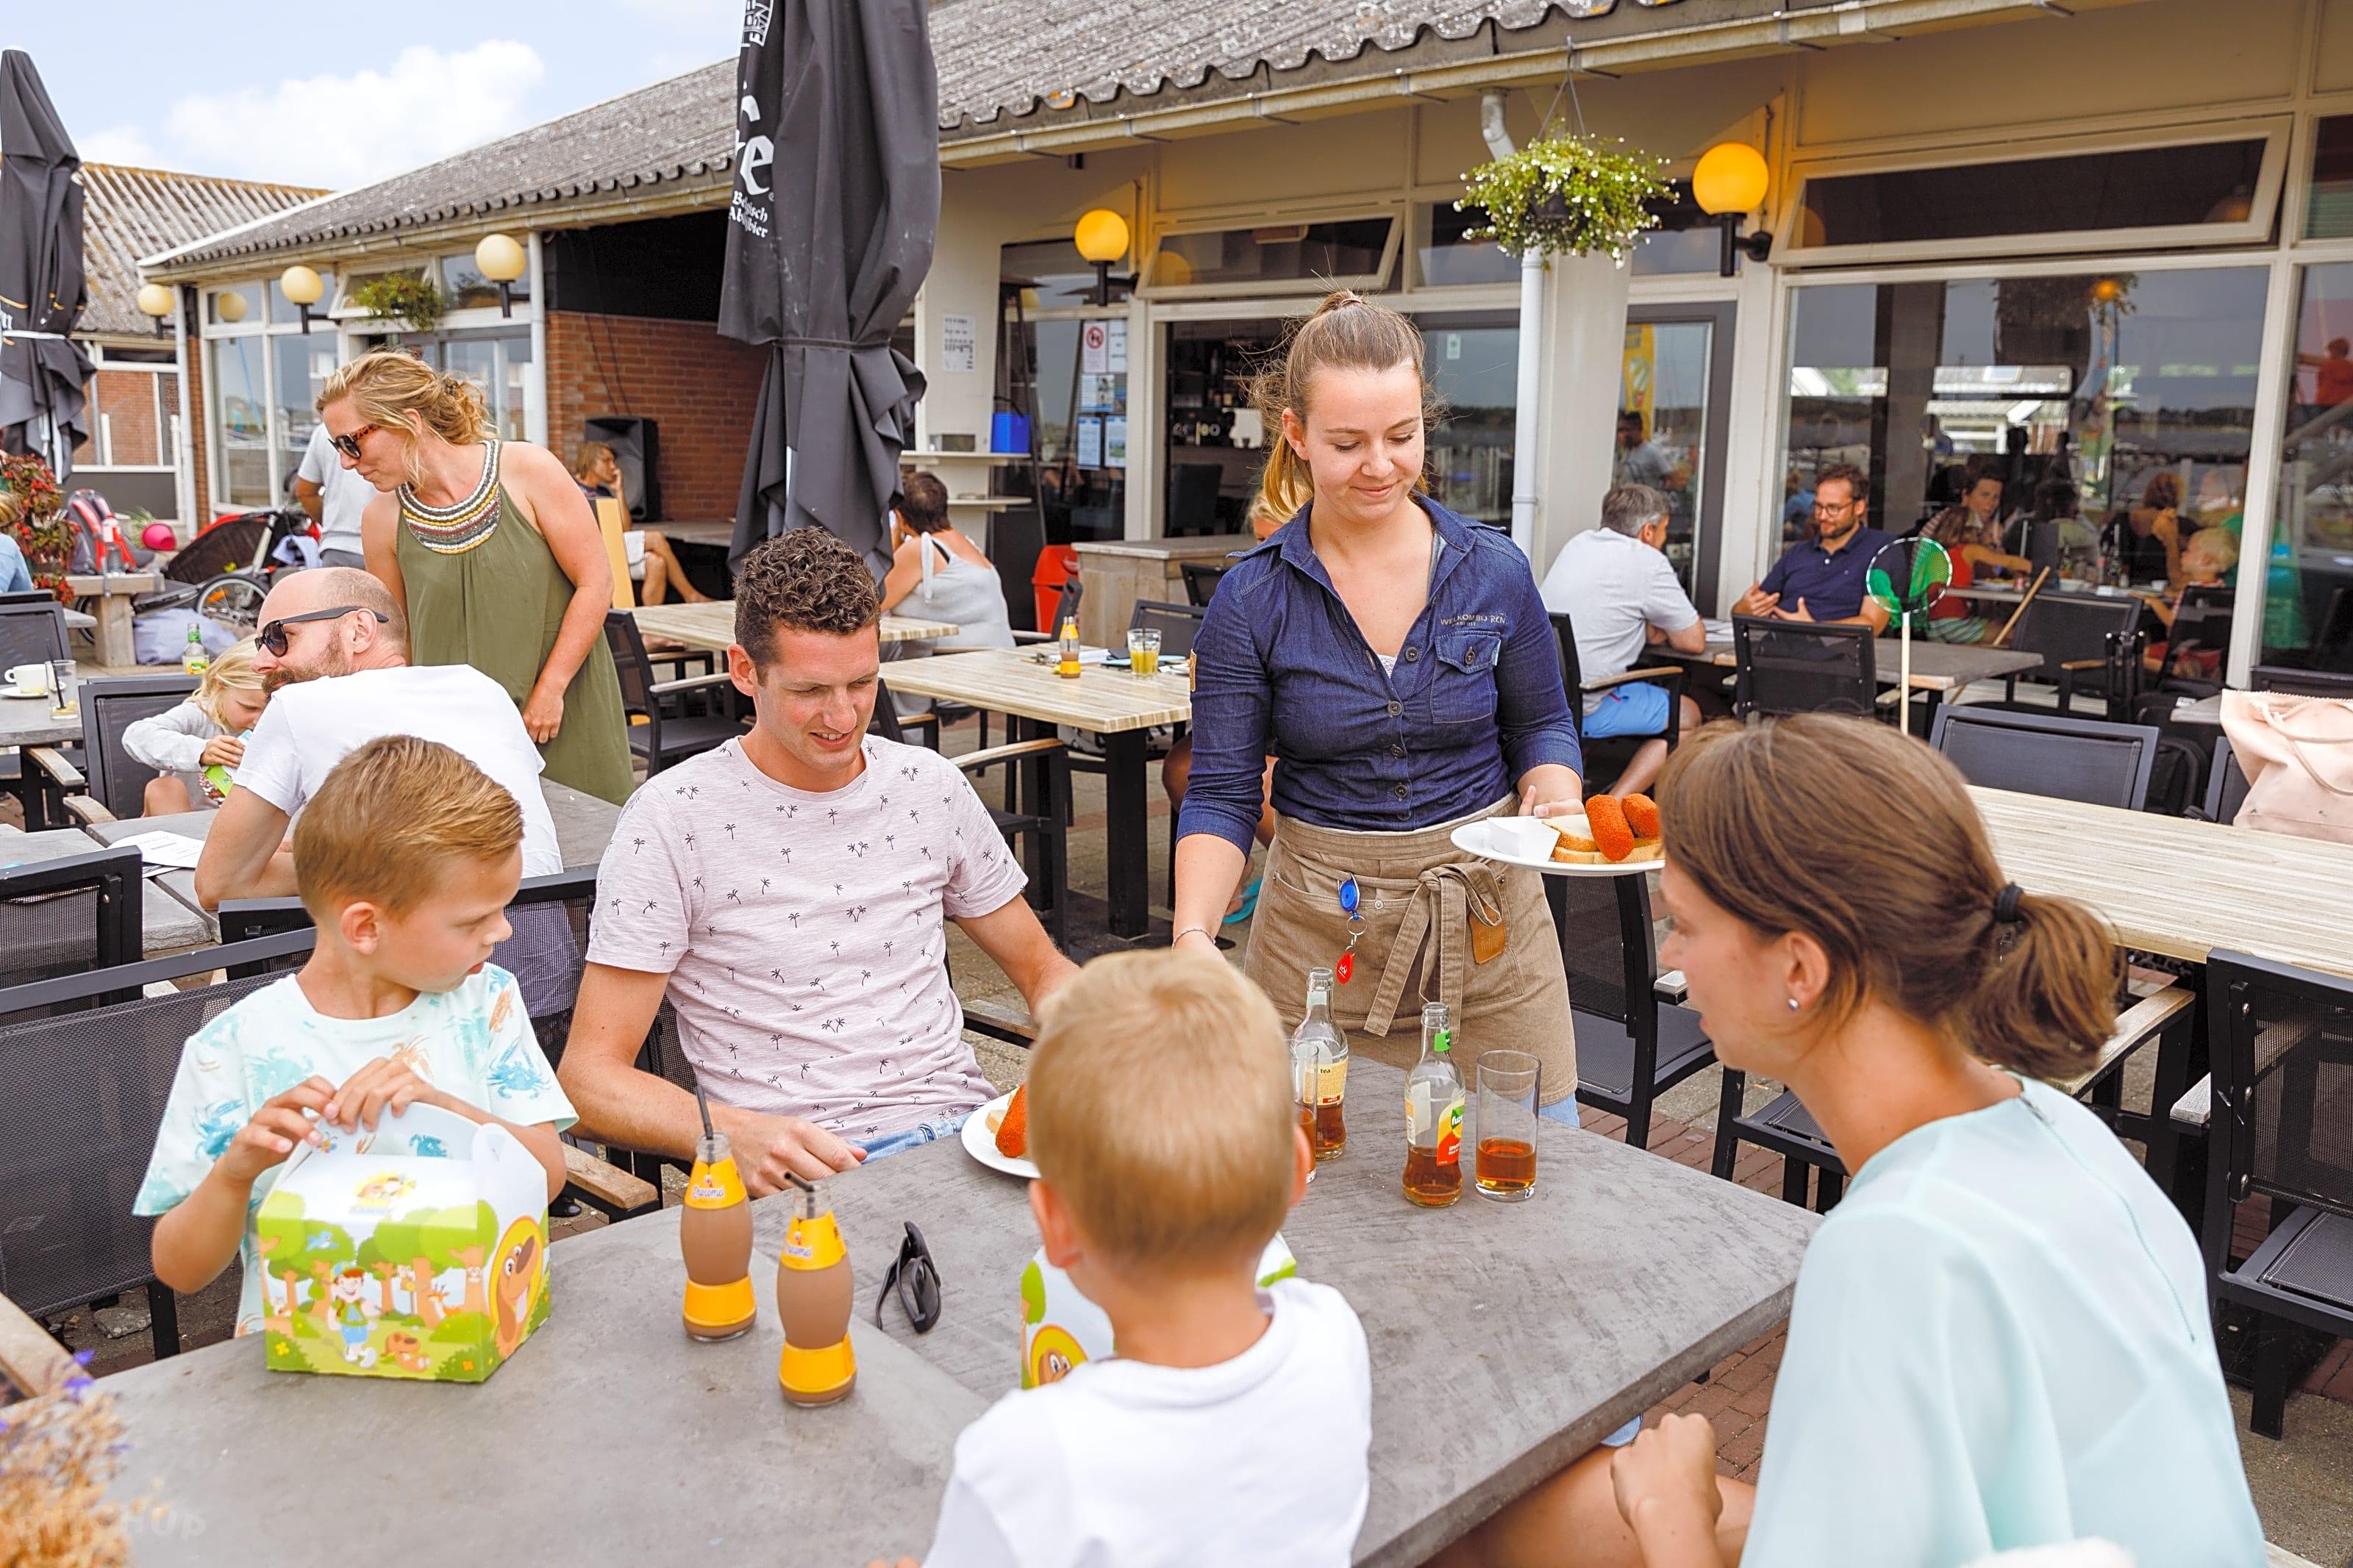 Vakantiepark De Schotsman, Kamperland - Updated 2019 prices